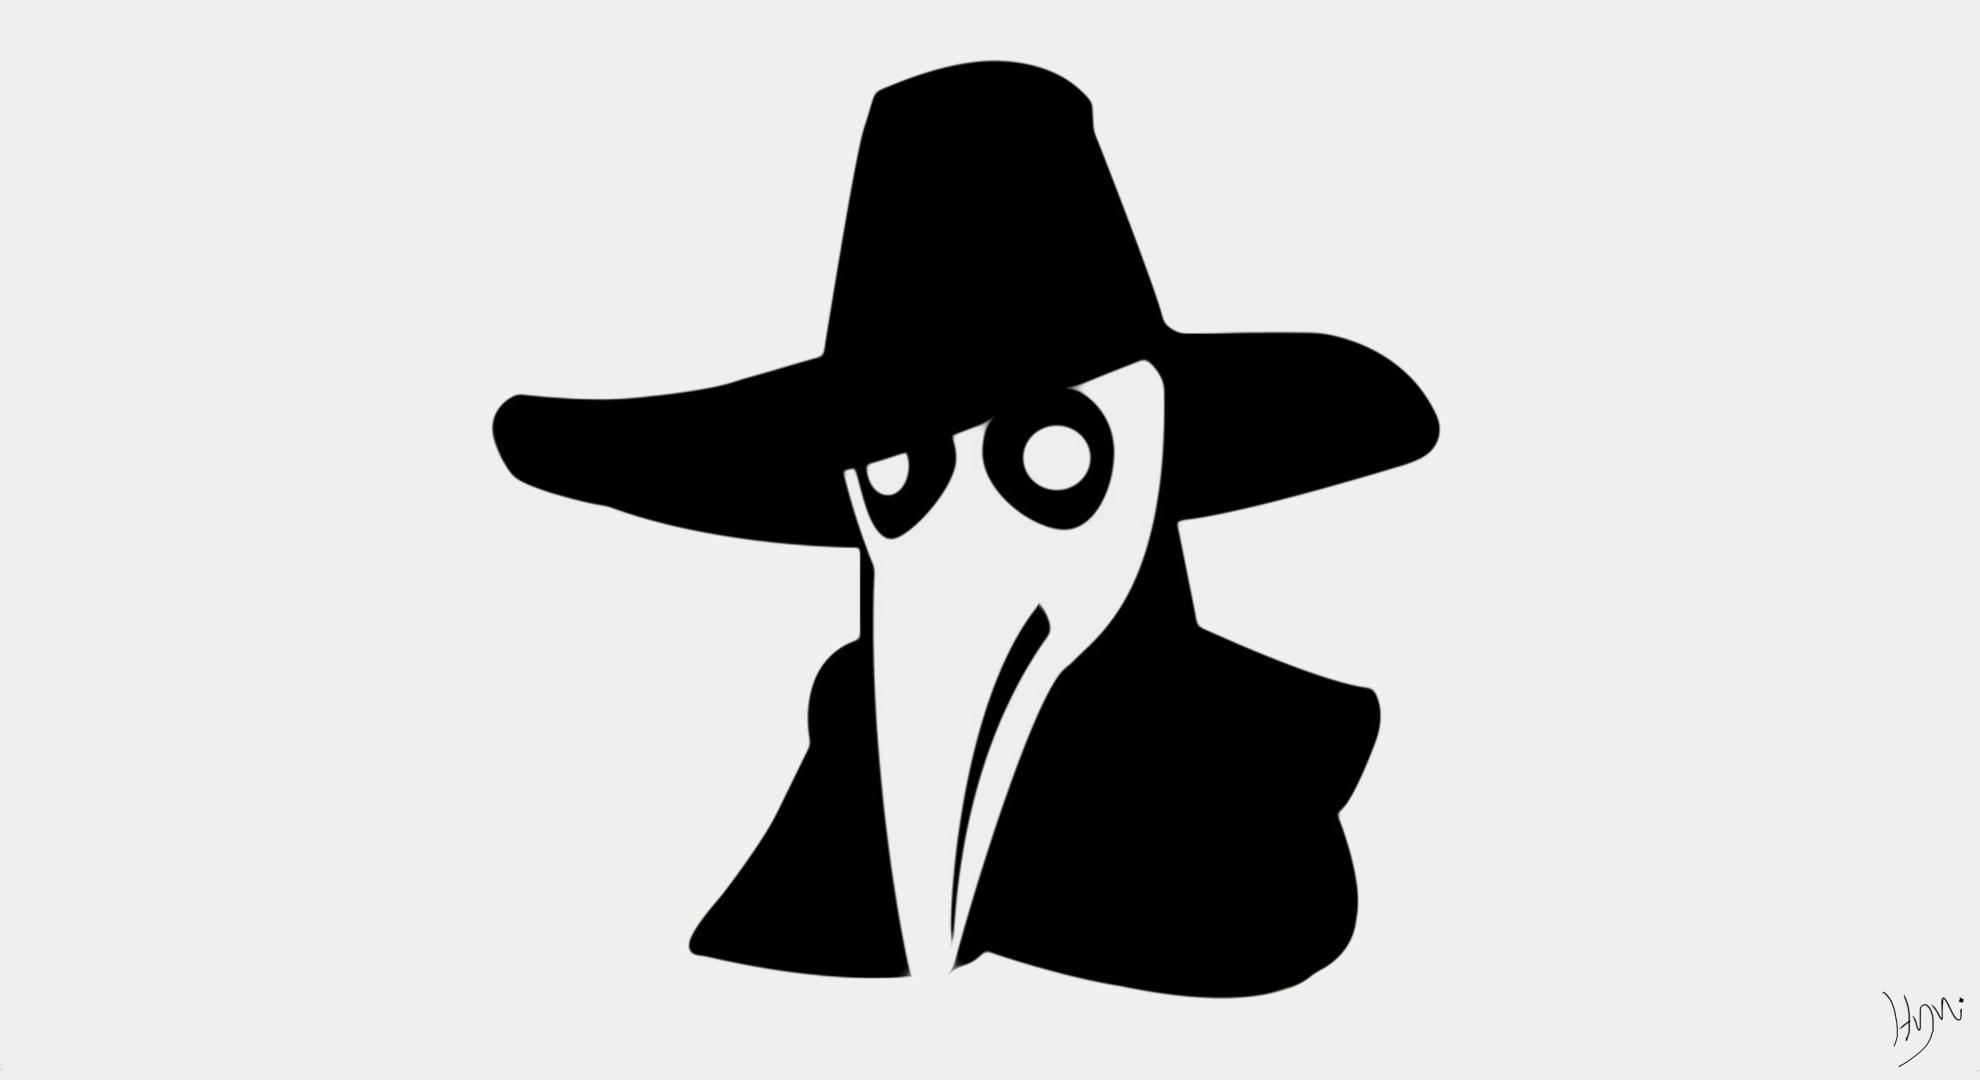 デスクトップ壁紙 黒 図 ダーク シルエット ロゴ 漫画 口ひげ